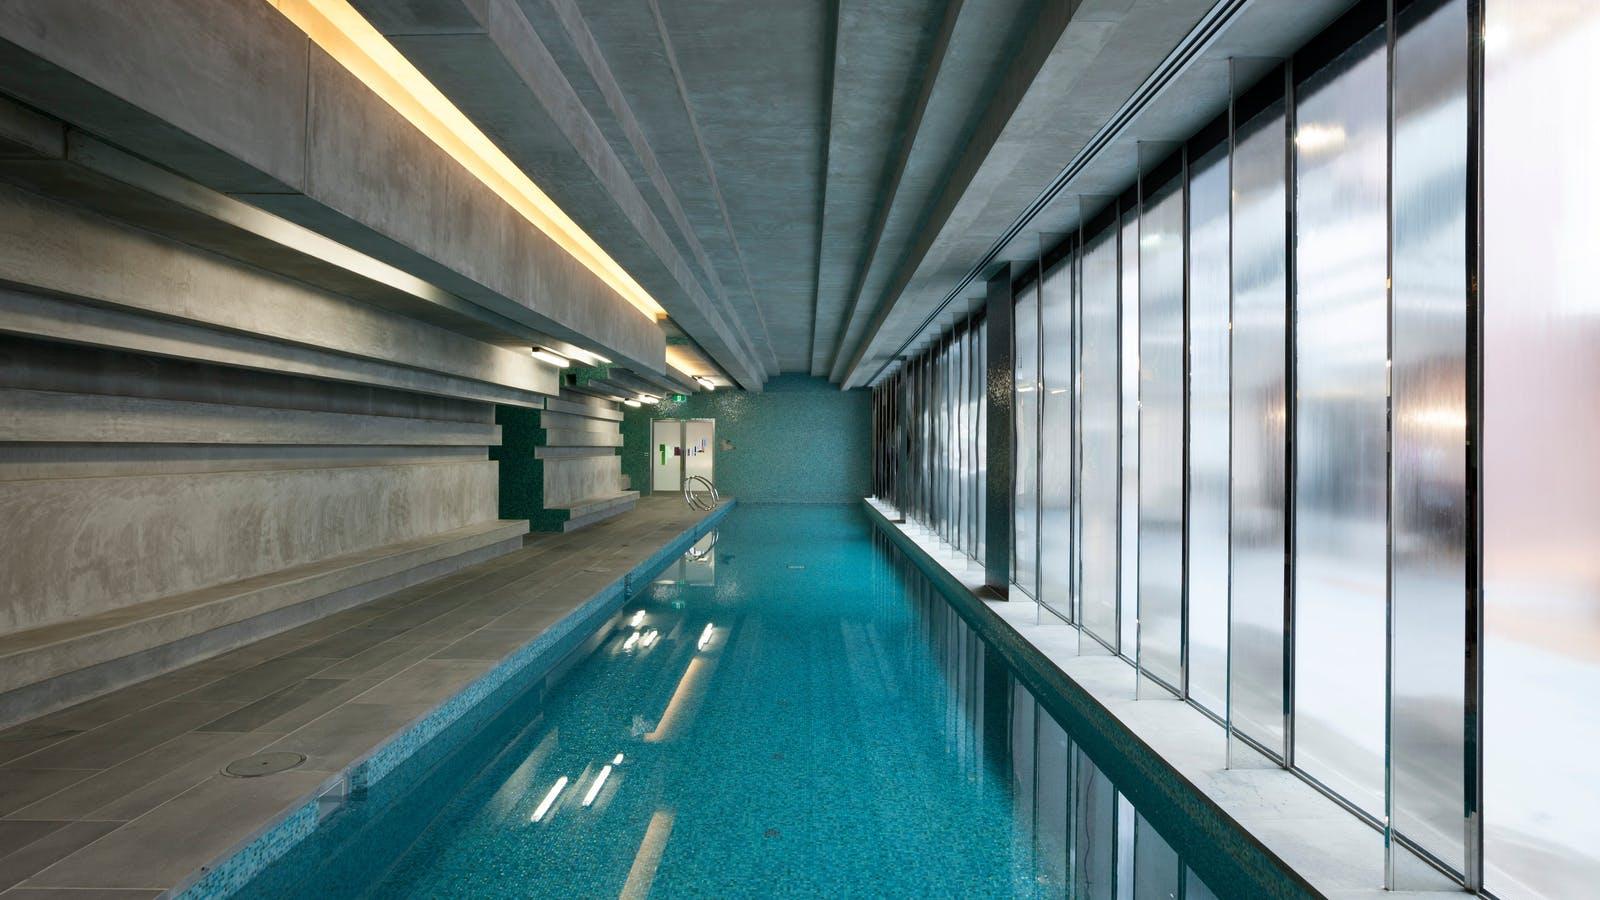 Sebel Docklands Pool